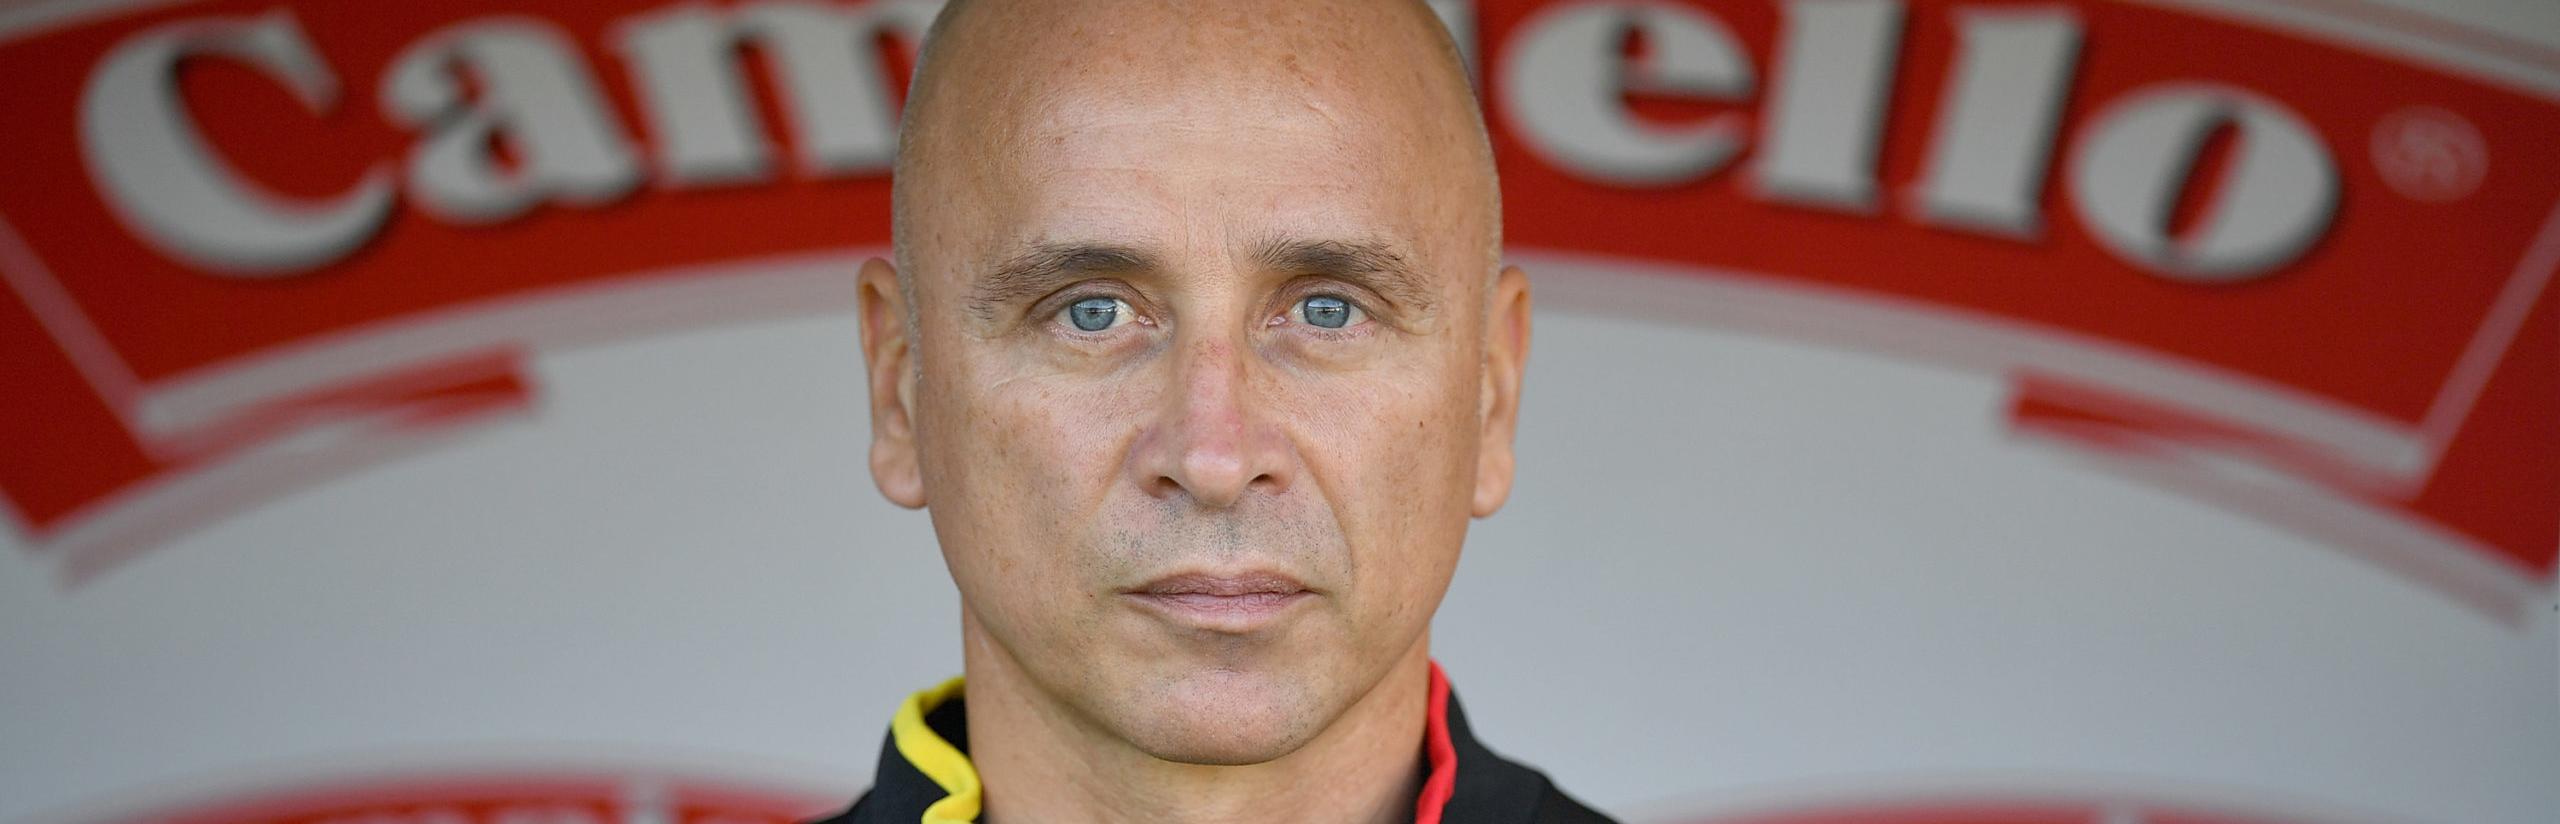 Pronostici Serie B, il Lecce per un calcio alla crisi, capolista di scena al Penzo e Monza ancora senza Balo